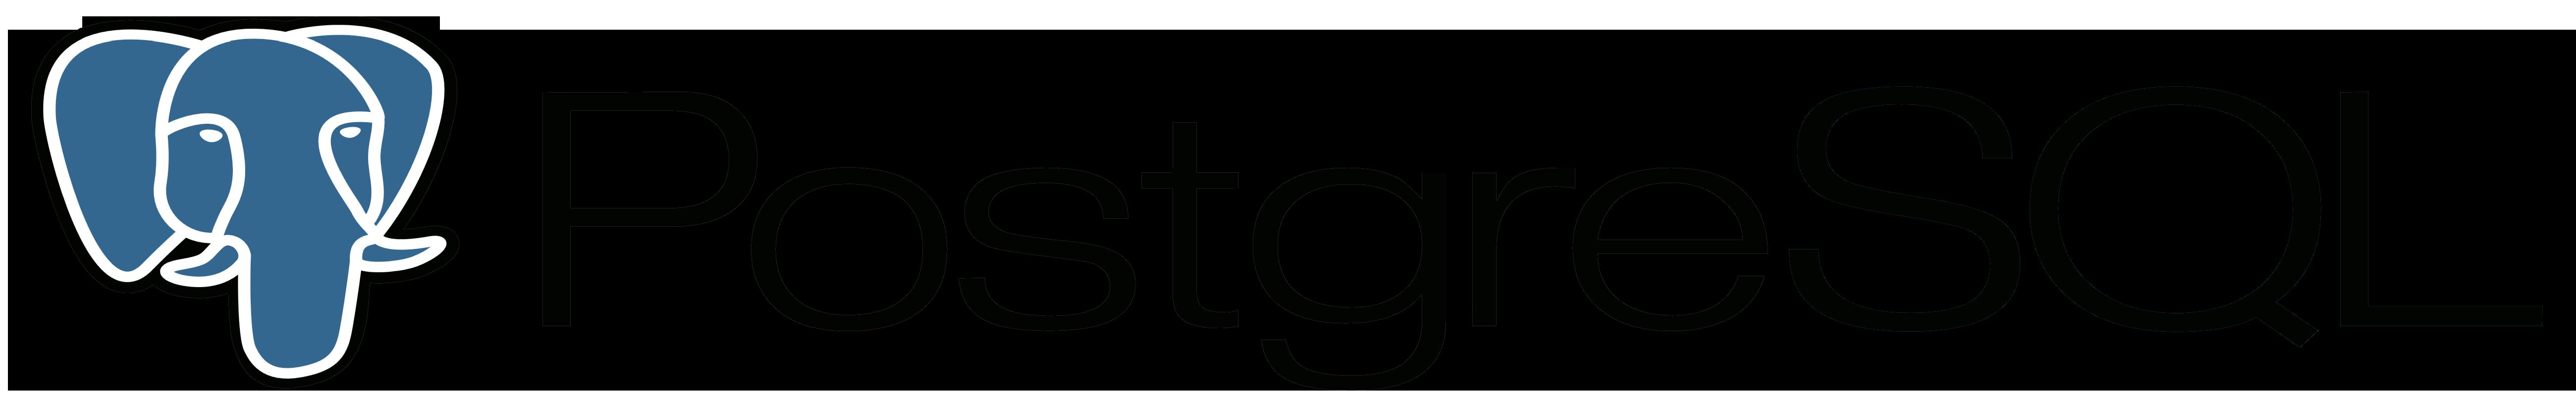 PostgreSQL_logo_Postgre_SQL